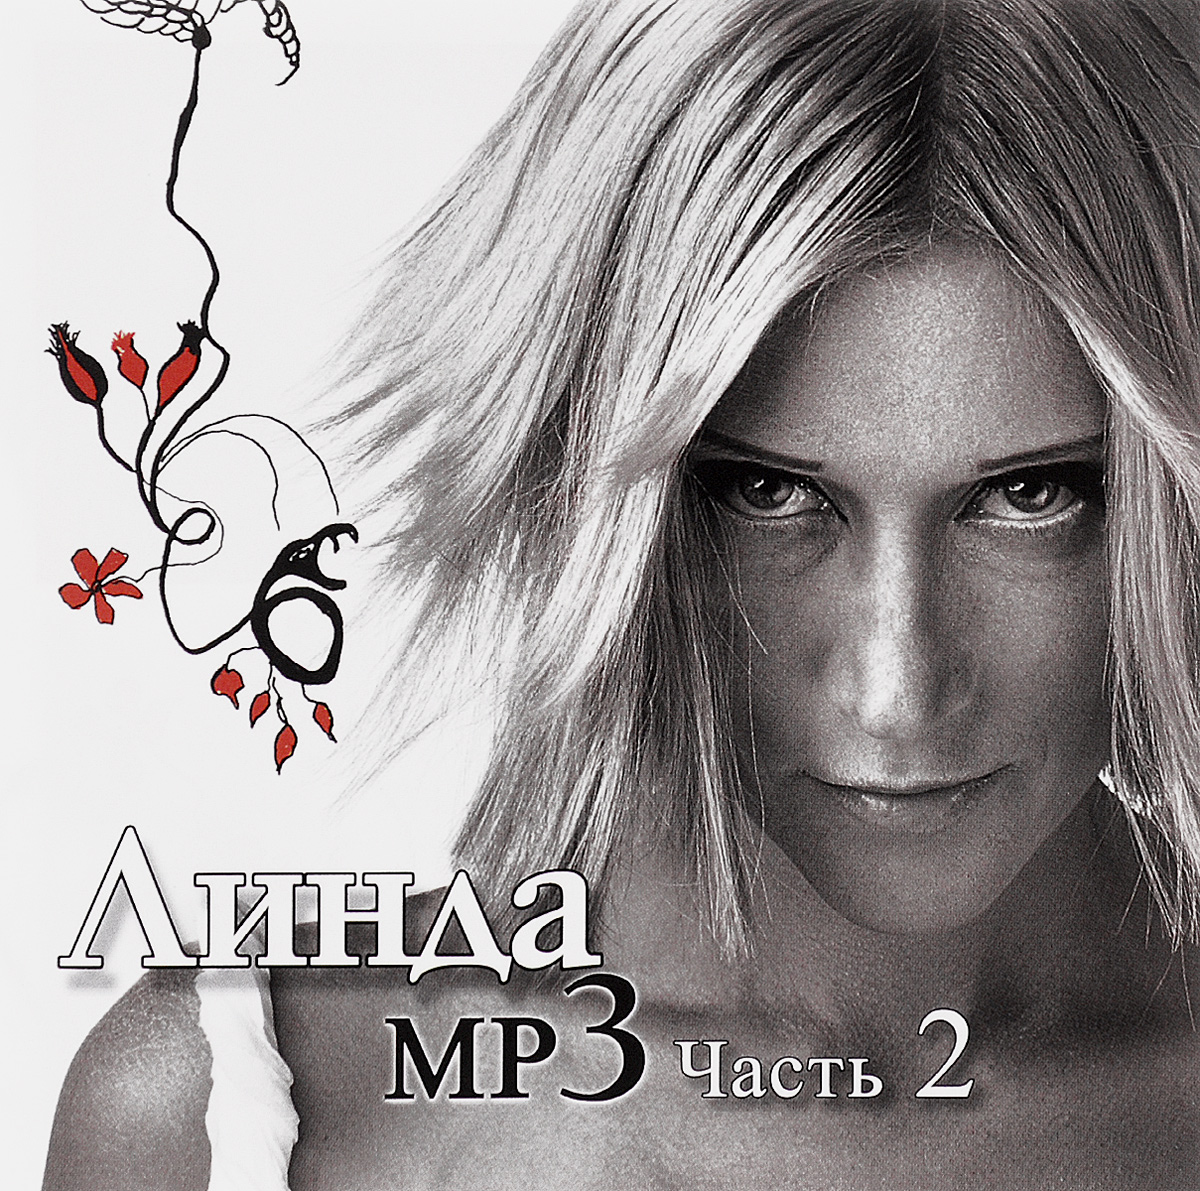 """На диске представлены следующие альбомы: 1. """"Зрение"""" (2001) 2. """"Атака"""" (2004) 3. """"АлеАда"""" (2006) 4. """"Sкор-пионы"""" (2008) 5. """"Лай, @!"""" (2013) 6. """"Life @"""" (2015)"""